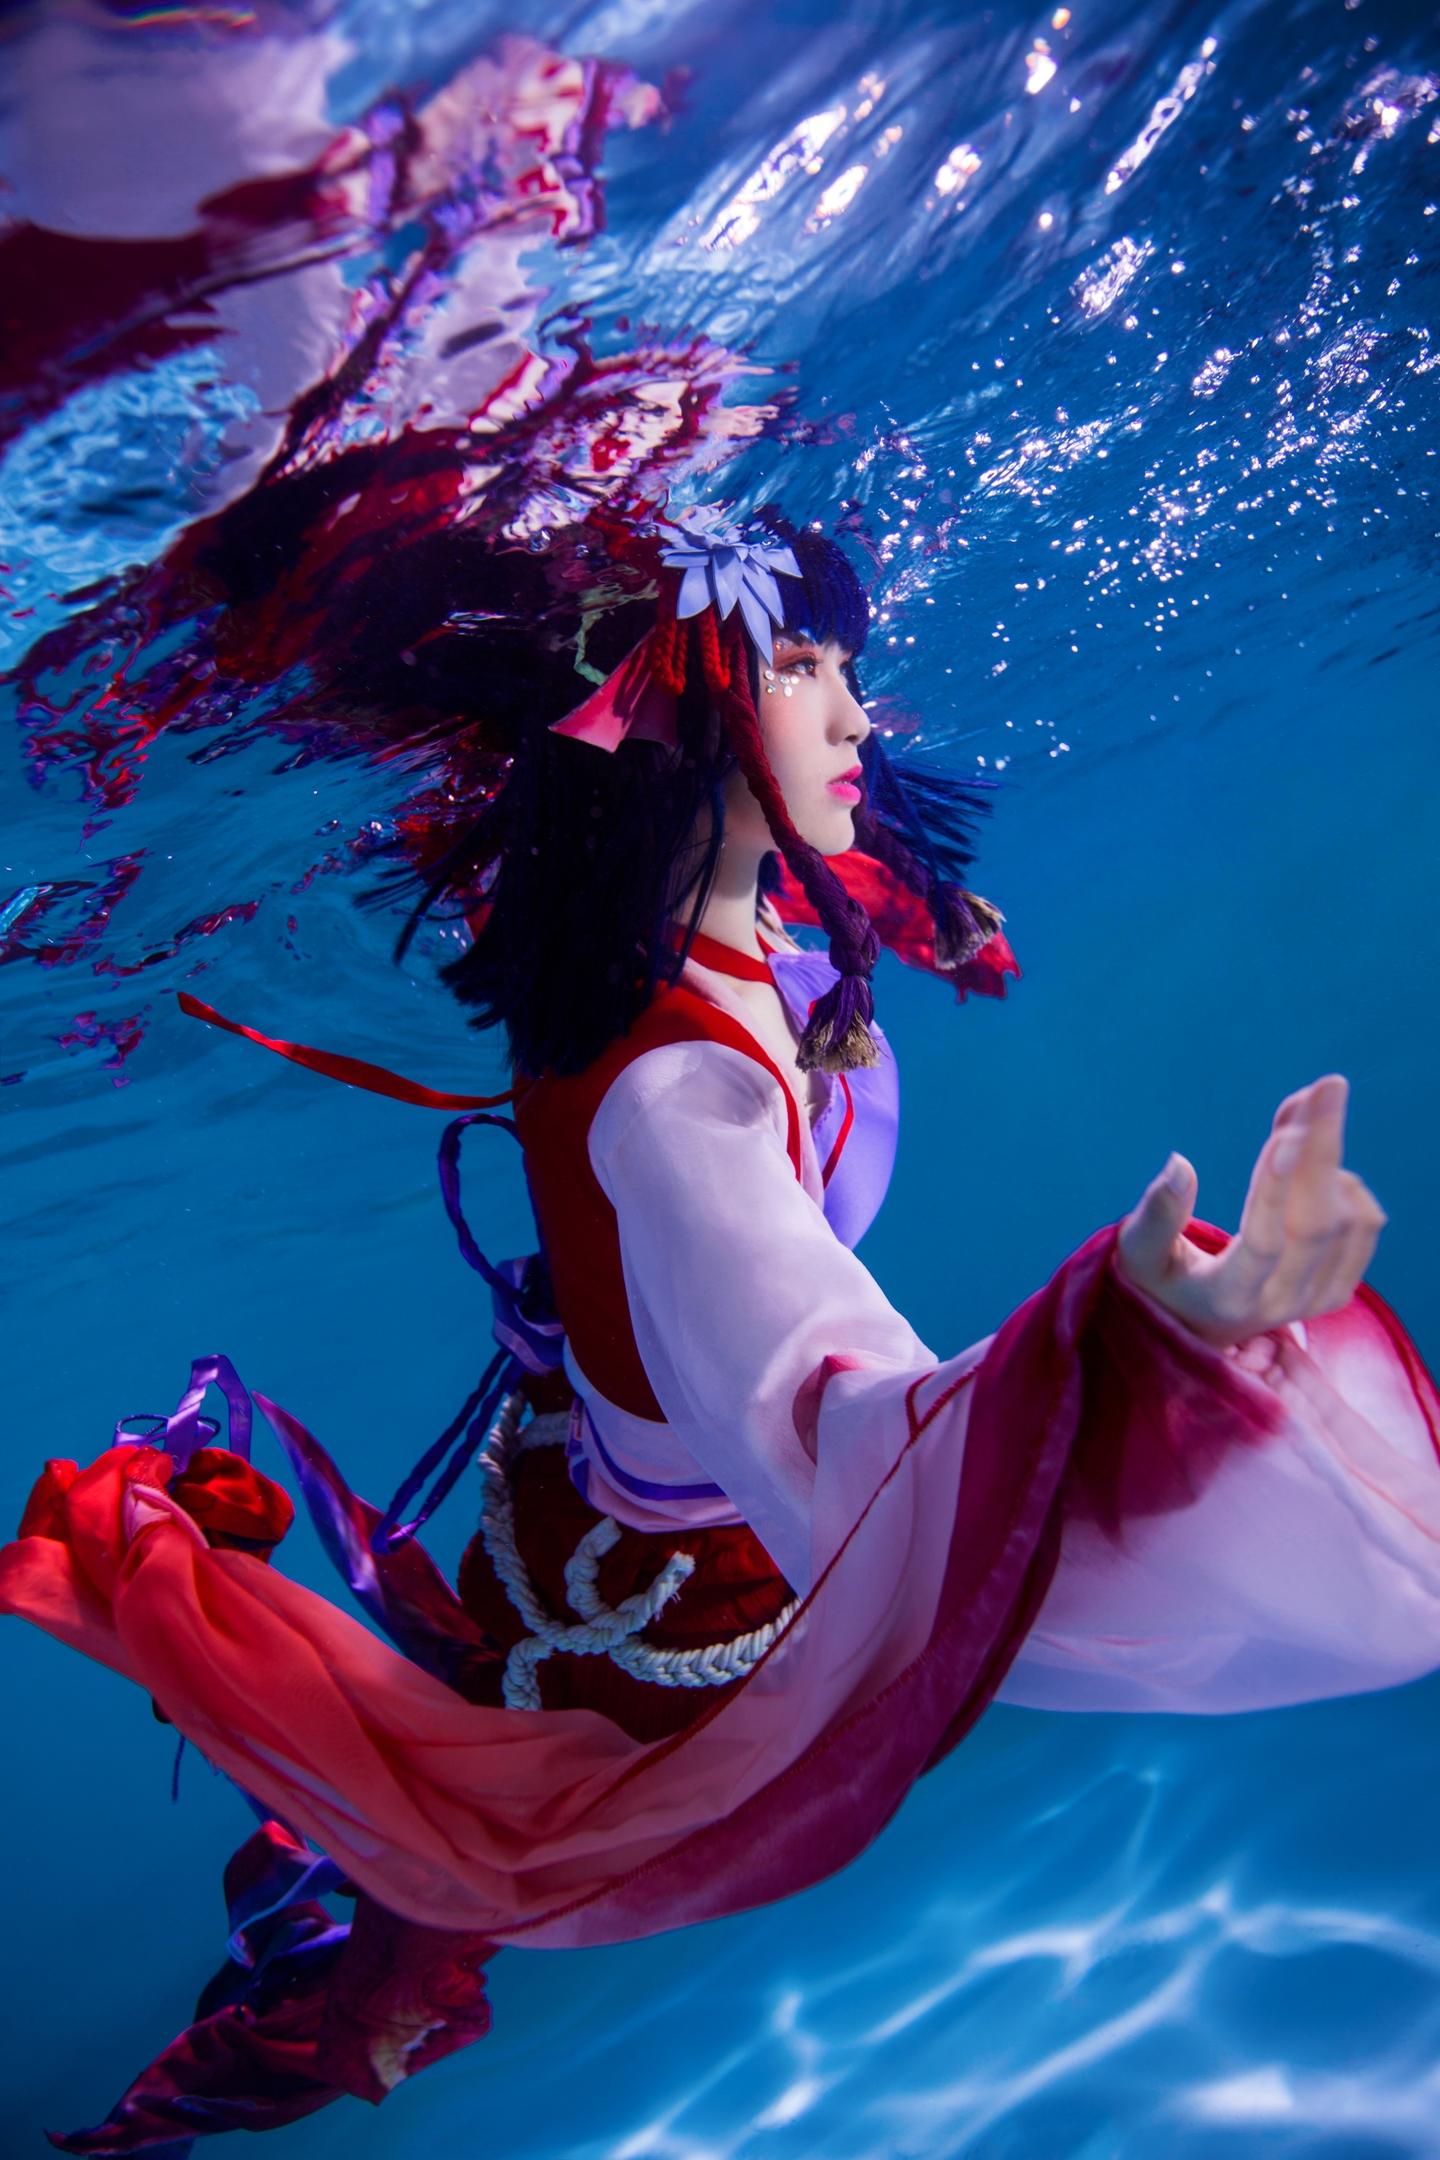 可爱鲤鱼精仿佛是水中的天使,coser水下强行睁眼和部呛水都太辛苦